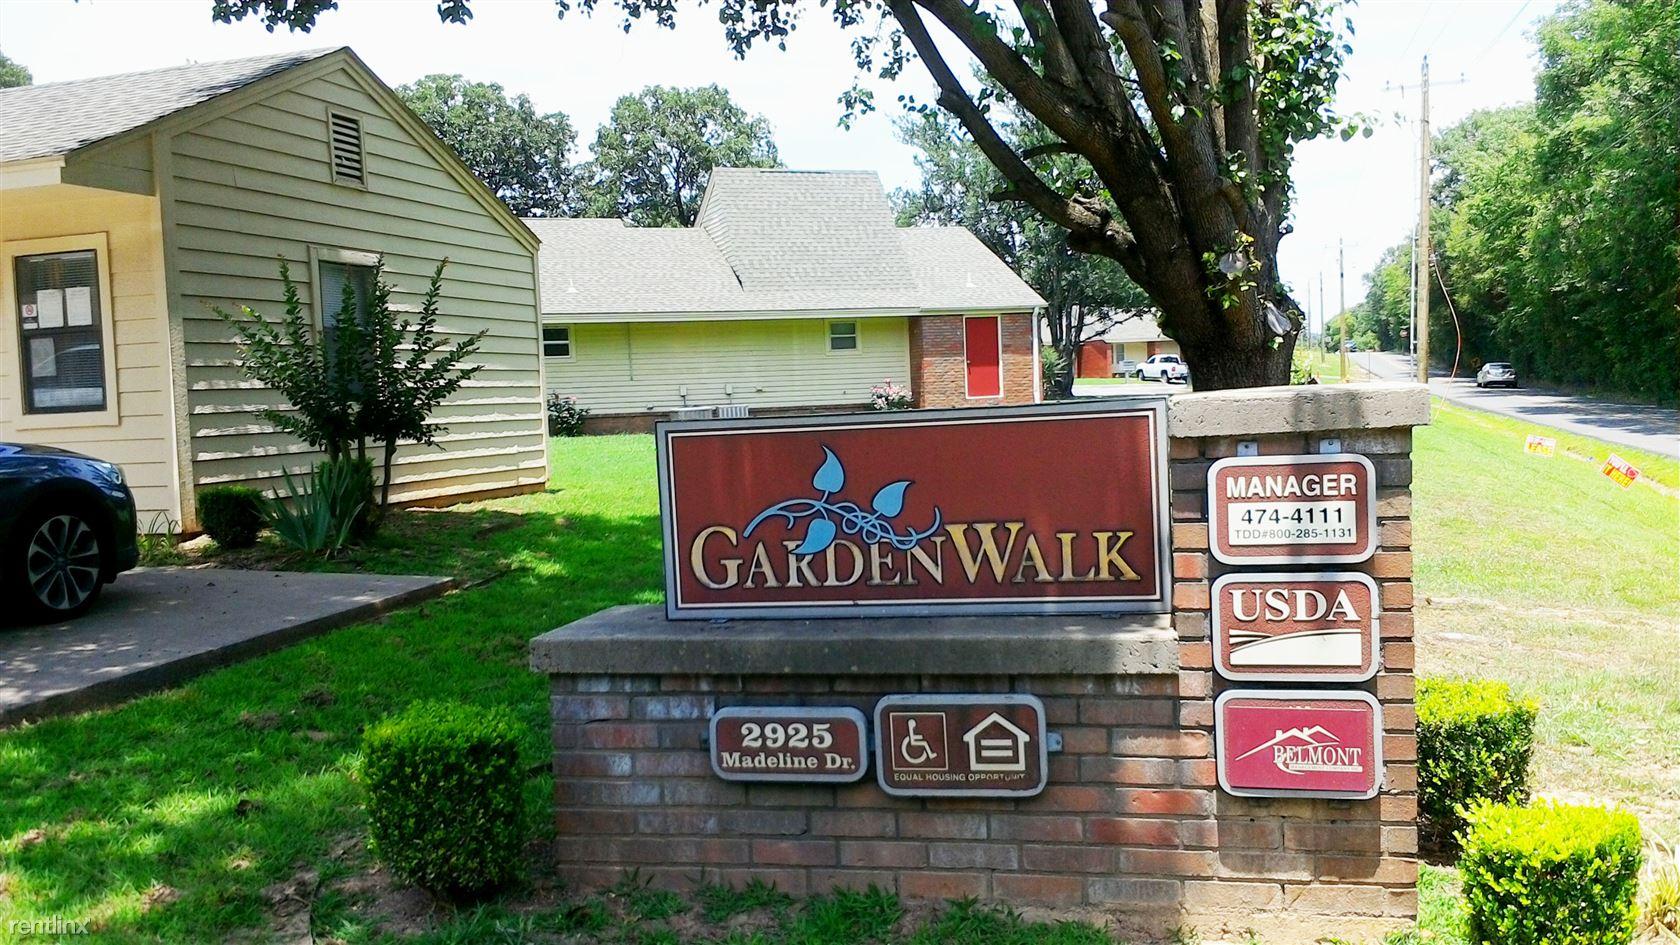 $420 - $480 per month , 2925 Madeline Dr, GardenWalk on Madeline